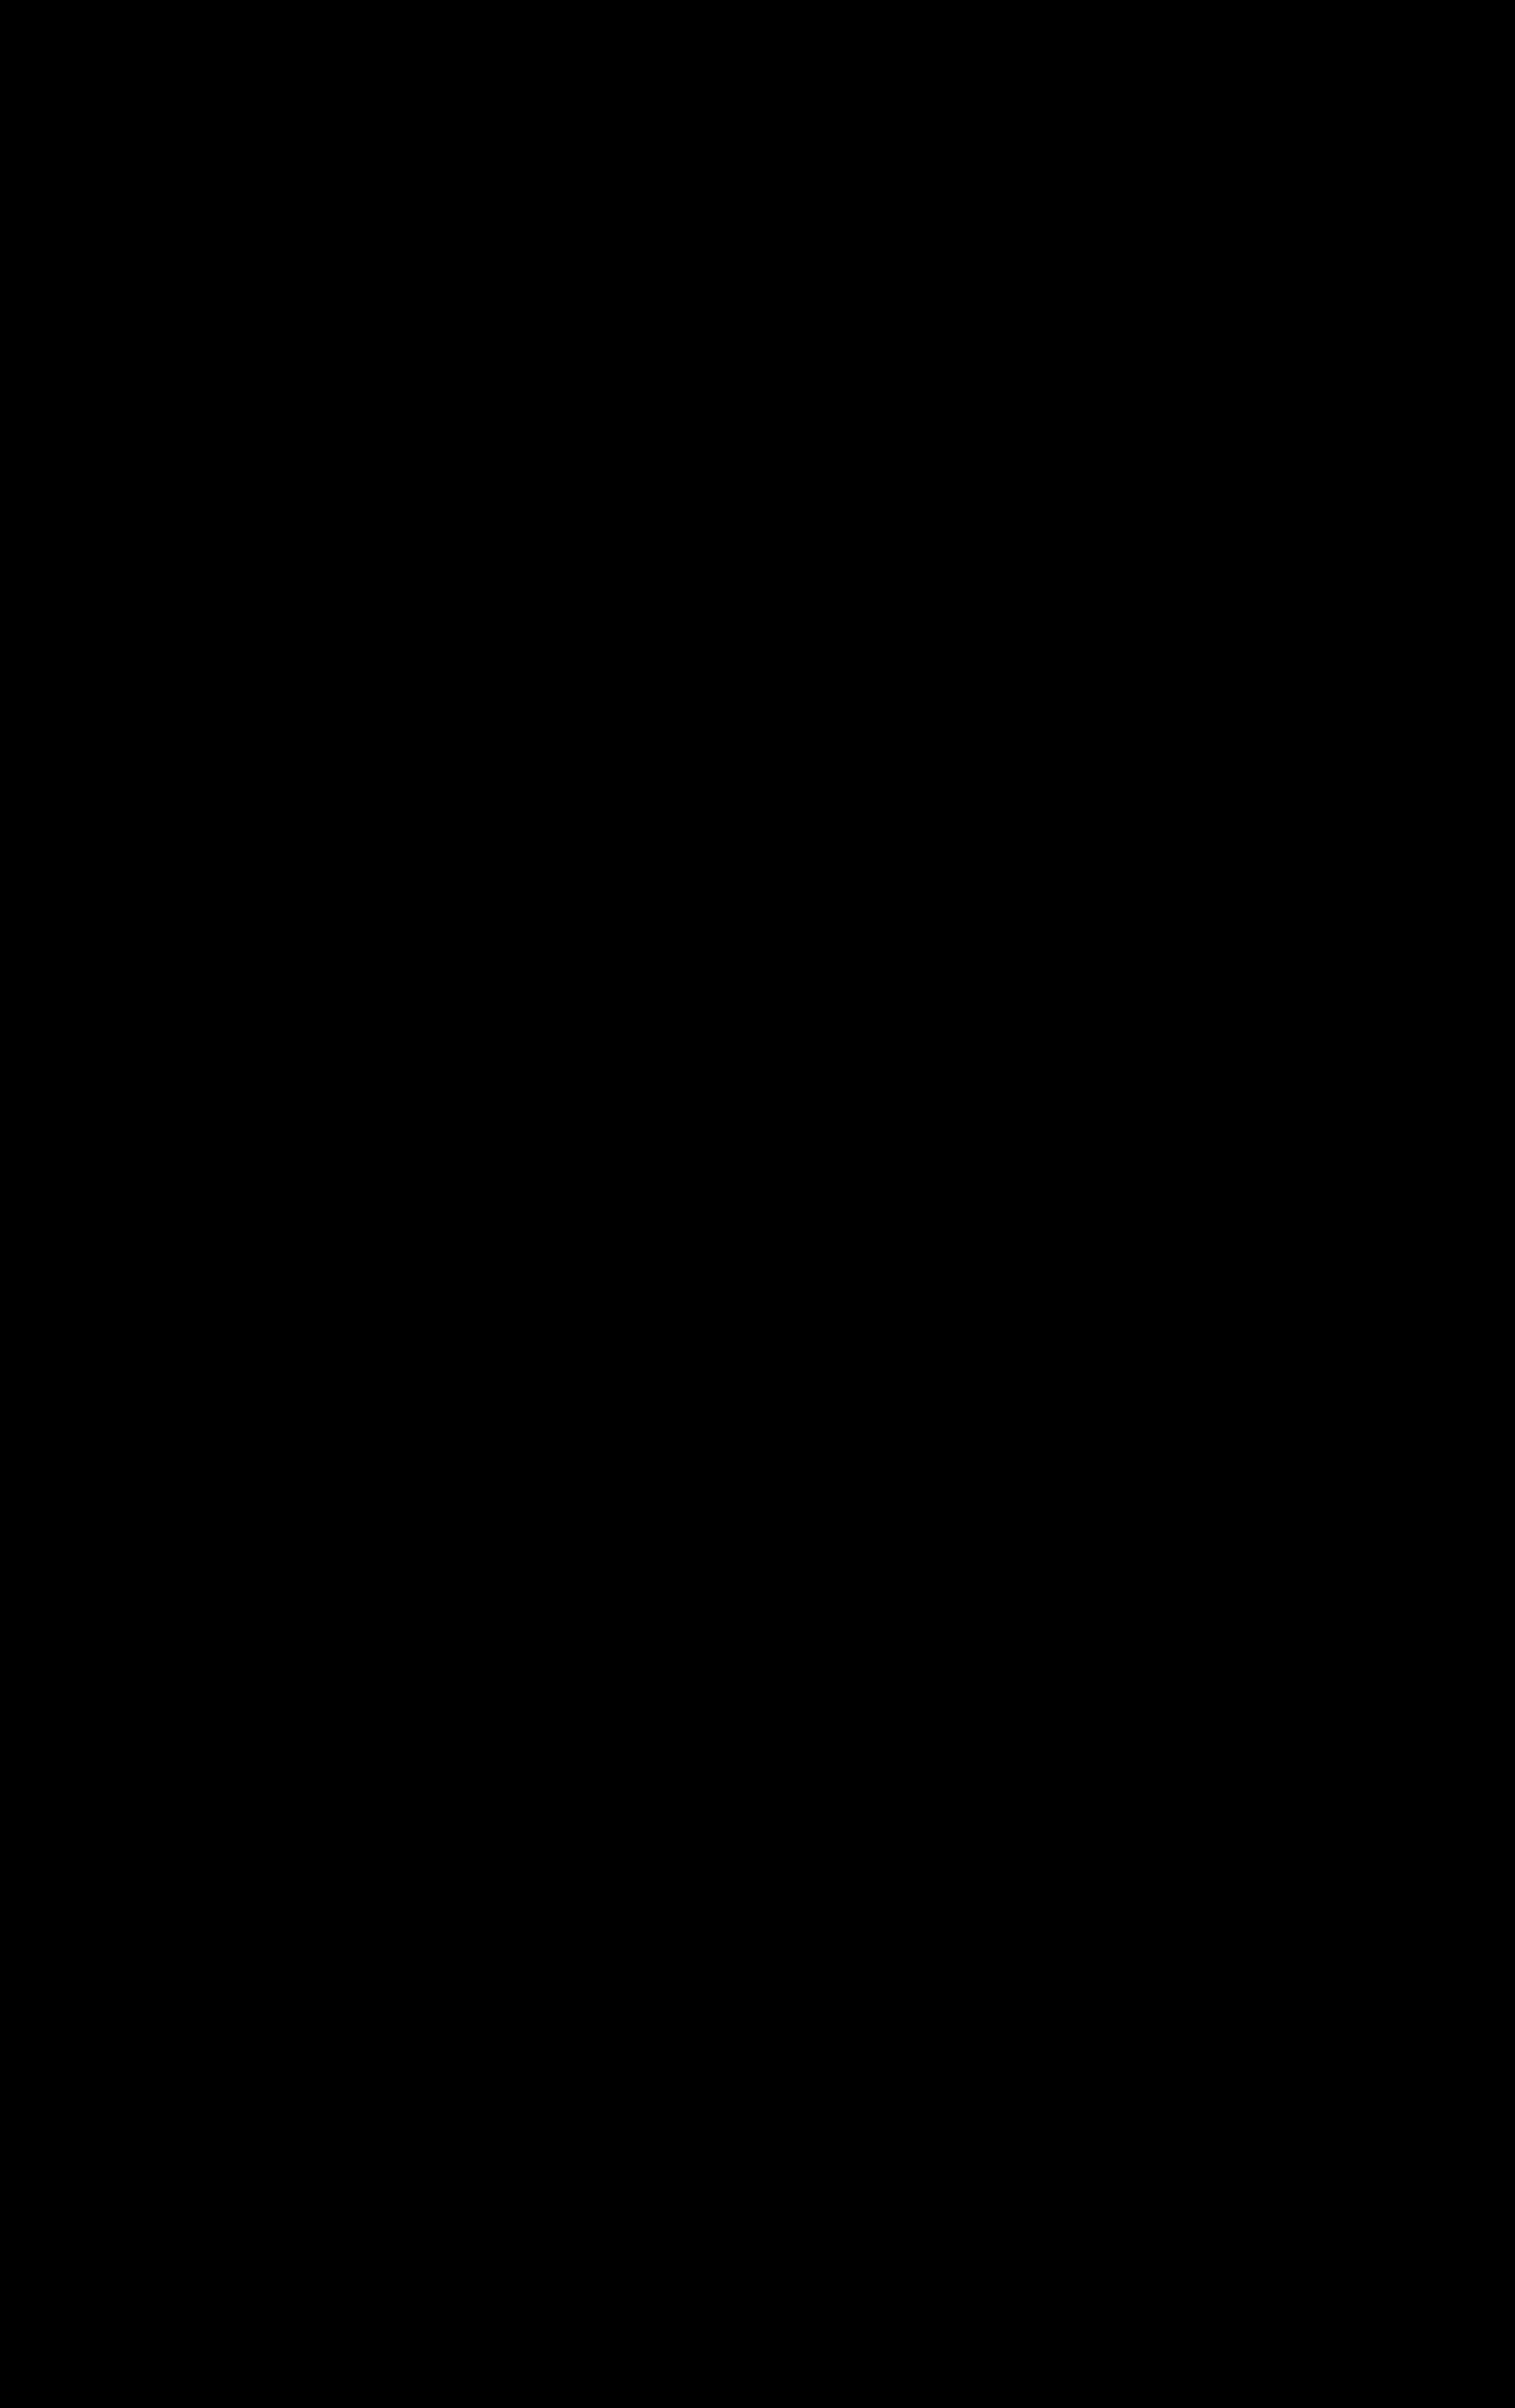 pot-plant-silhouette-8.png